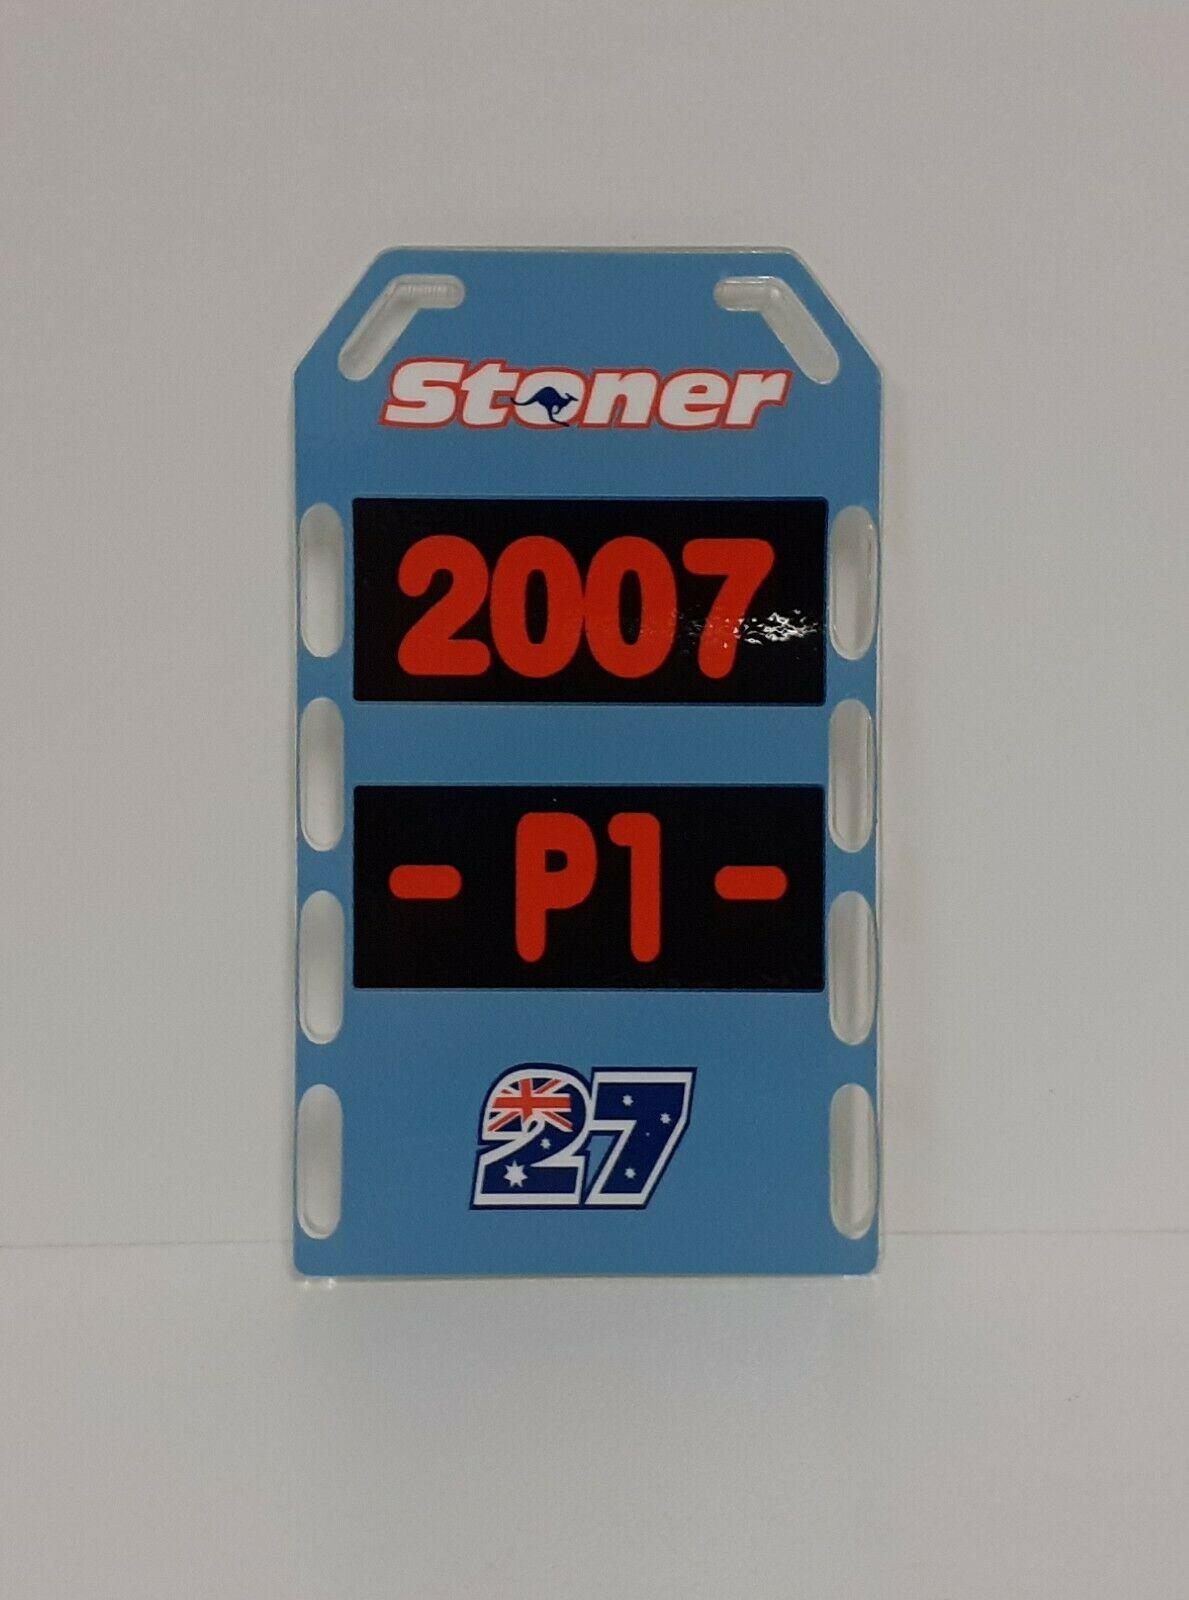 1/12 CASEY STONER MODELLO PITBOARDS MOTO BANNER STAND BOX DUCATI 2007 MODELLISMO